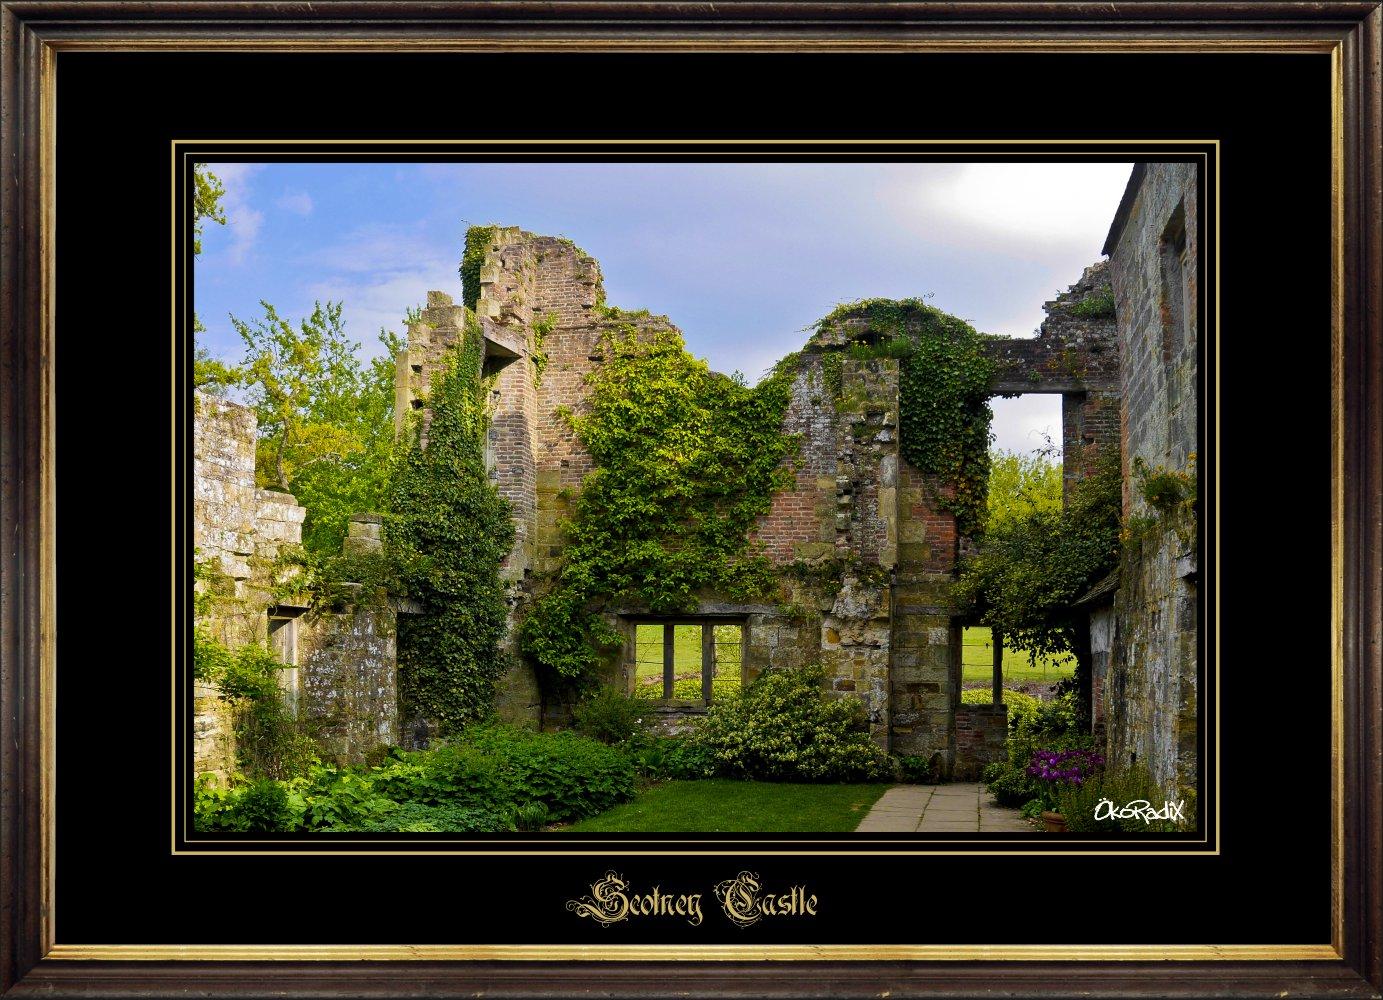 Scotney-walled-garden